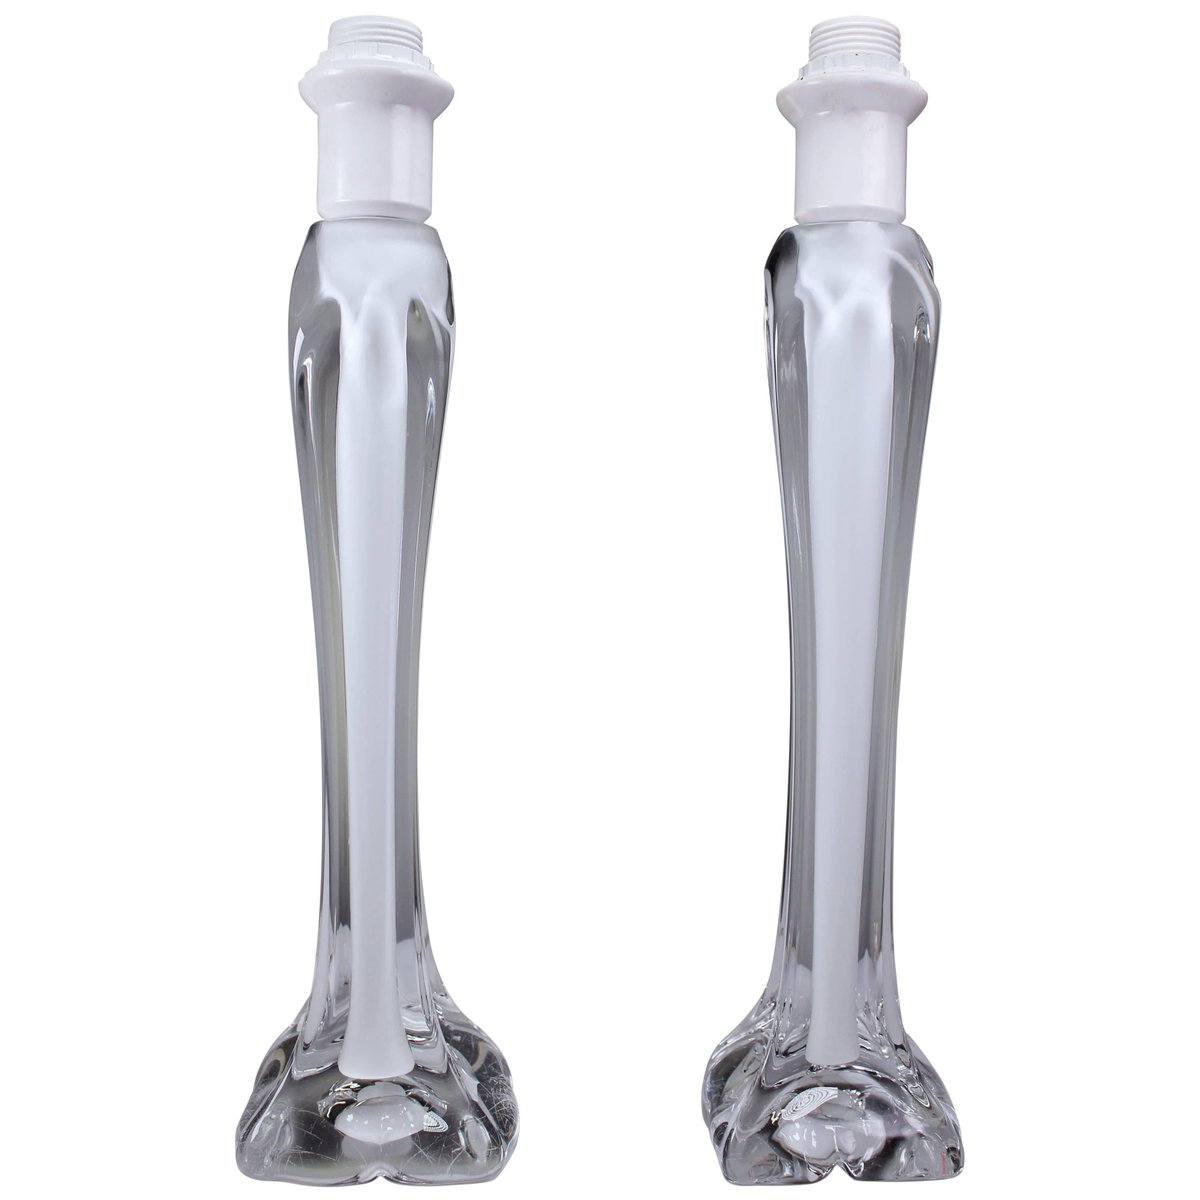 Sommerso Tischlampen aus weißem und klarem Kristallglas von Paul Kedel...